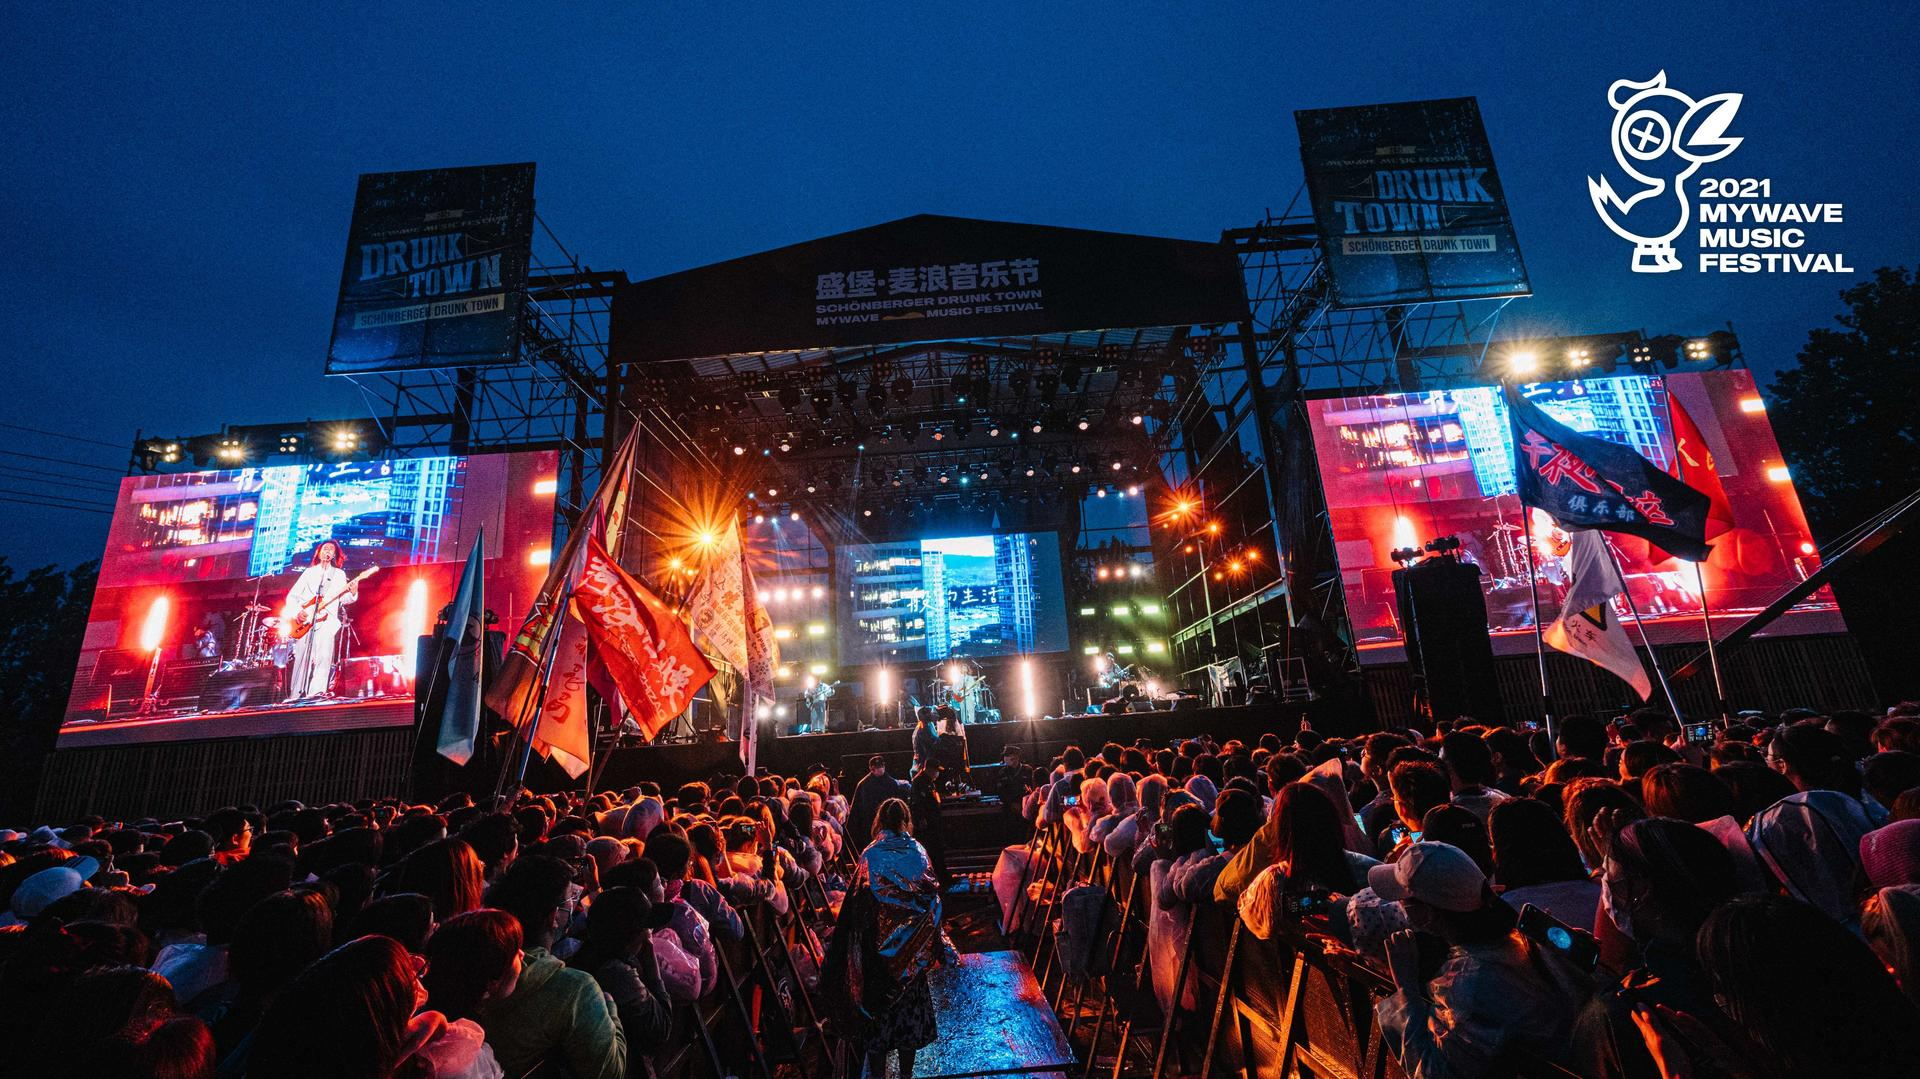 德州盛堡·麦浪音乐节活动策划到处是著名的音乐人,表演惊艳全场